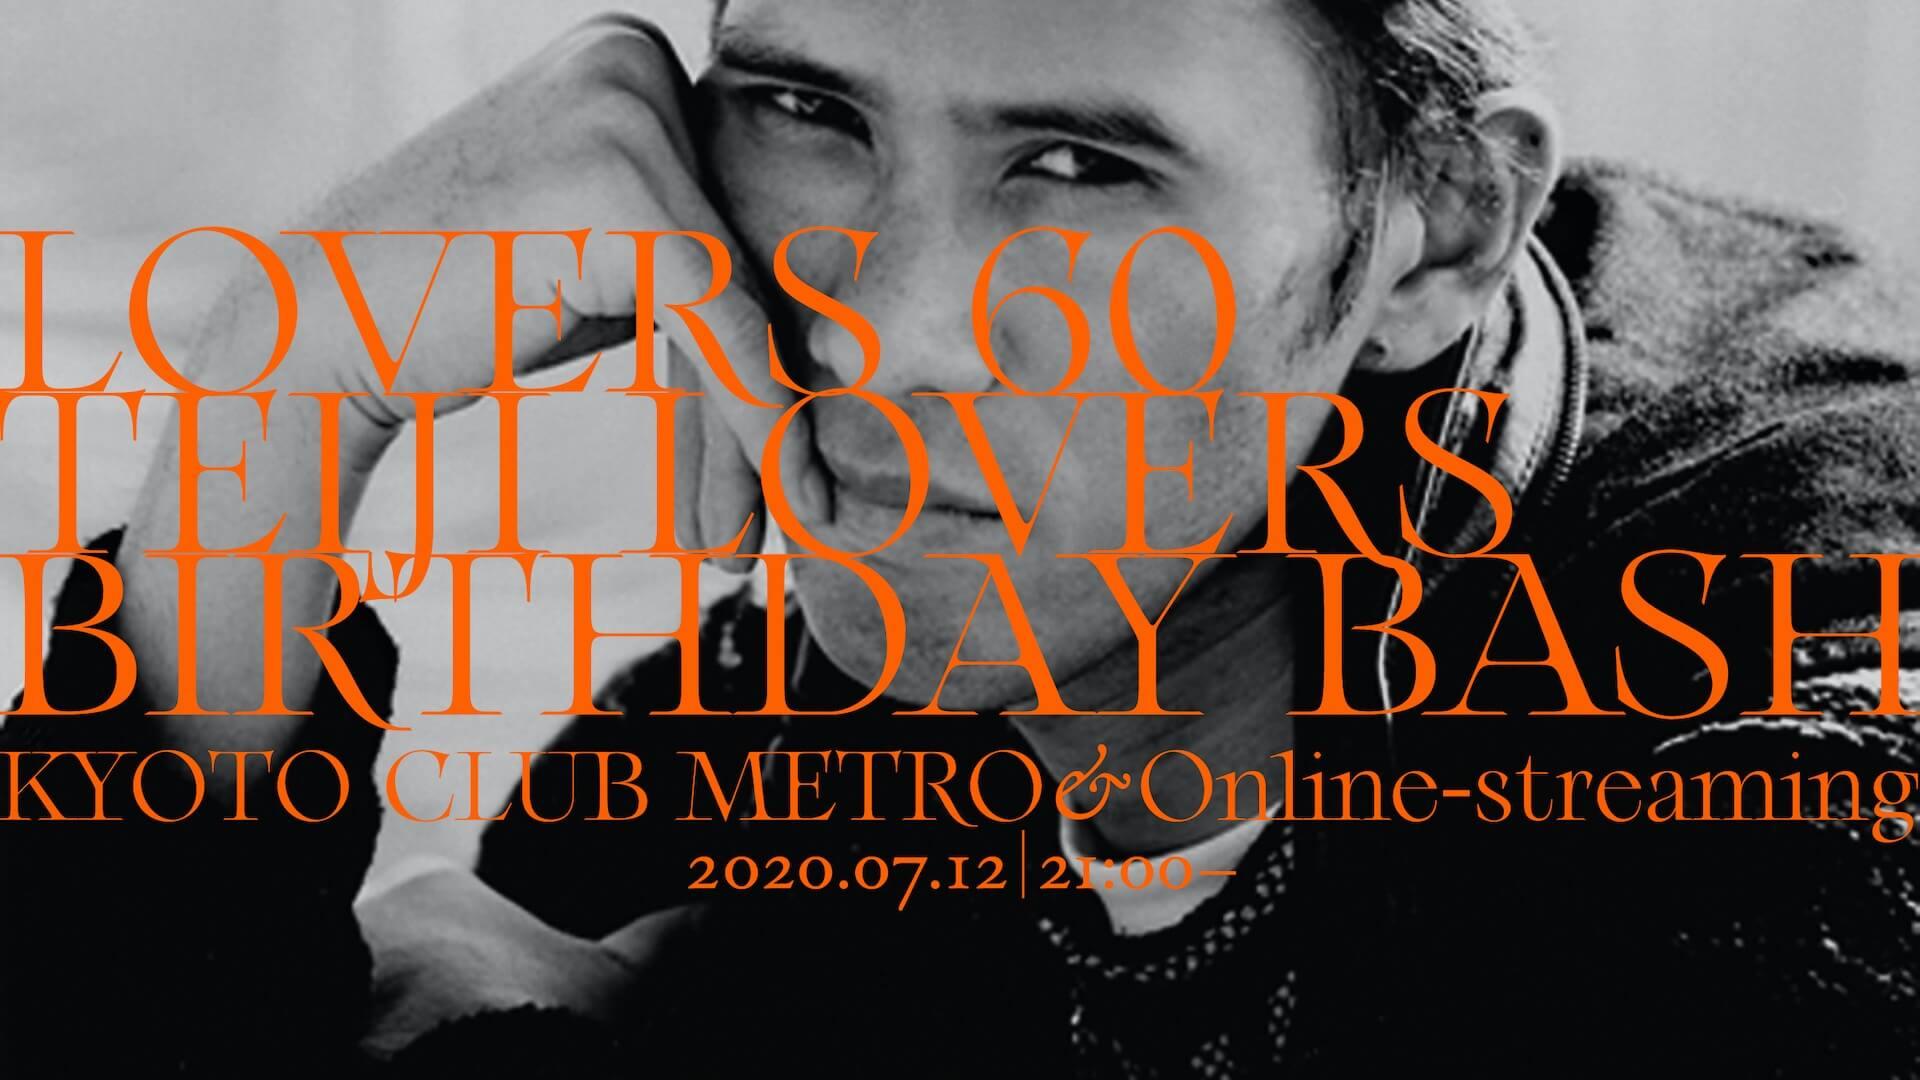 ダムタイプの故・古橋悌二生誕記念パーティー<LOVERS 60>が京都CLUB METROで50人限定で開催!当日は無料配信も ac200709_lovers60_01